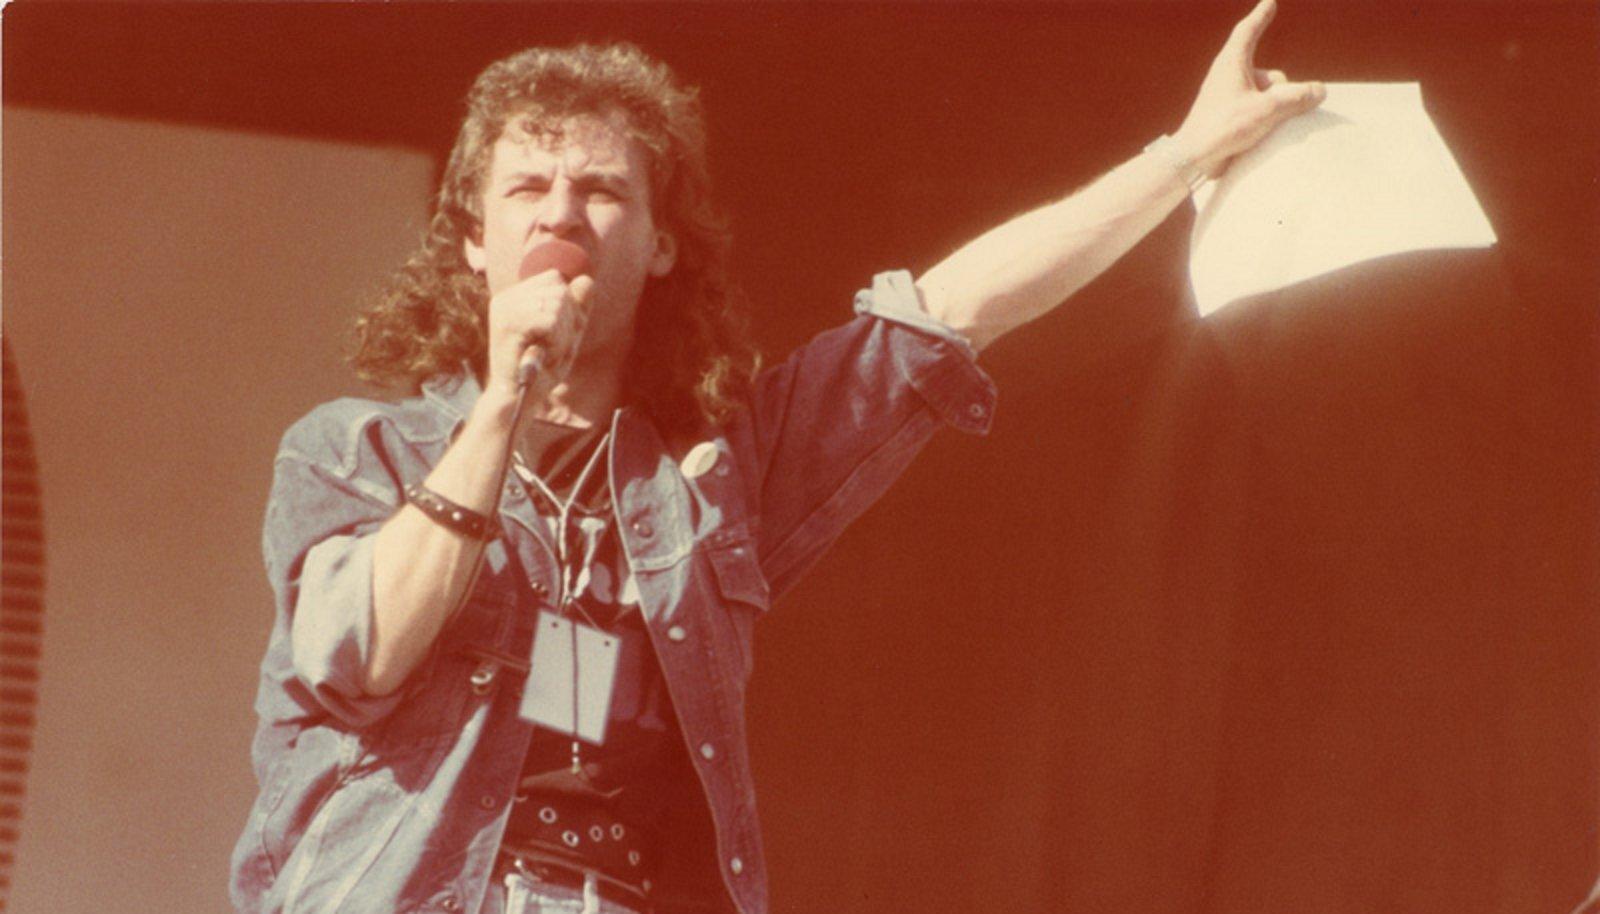 ROKITÄHE SÕIT AMEERIKA MÄGEDEL: Urmas Alender aastal 1988 Tartu levimuusikapäevadel.